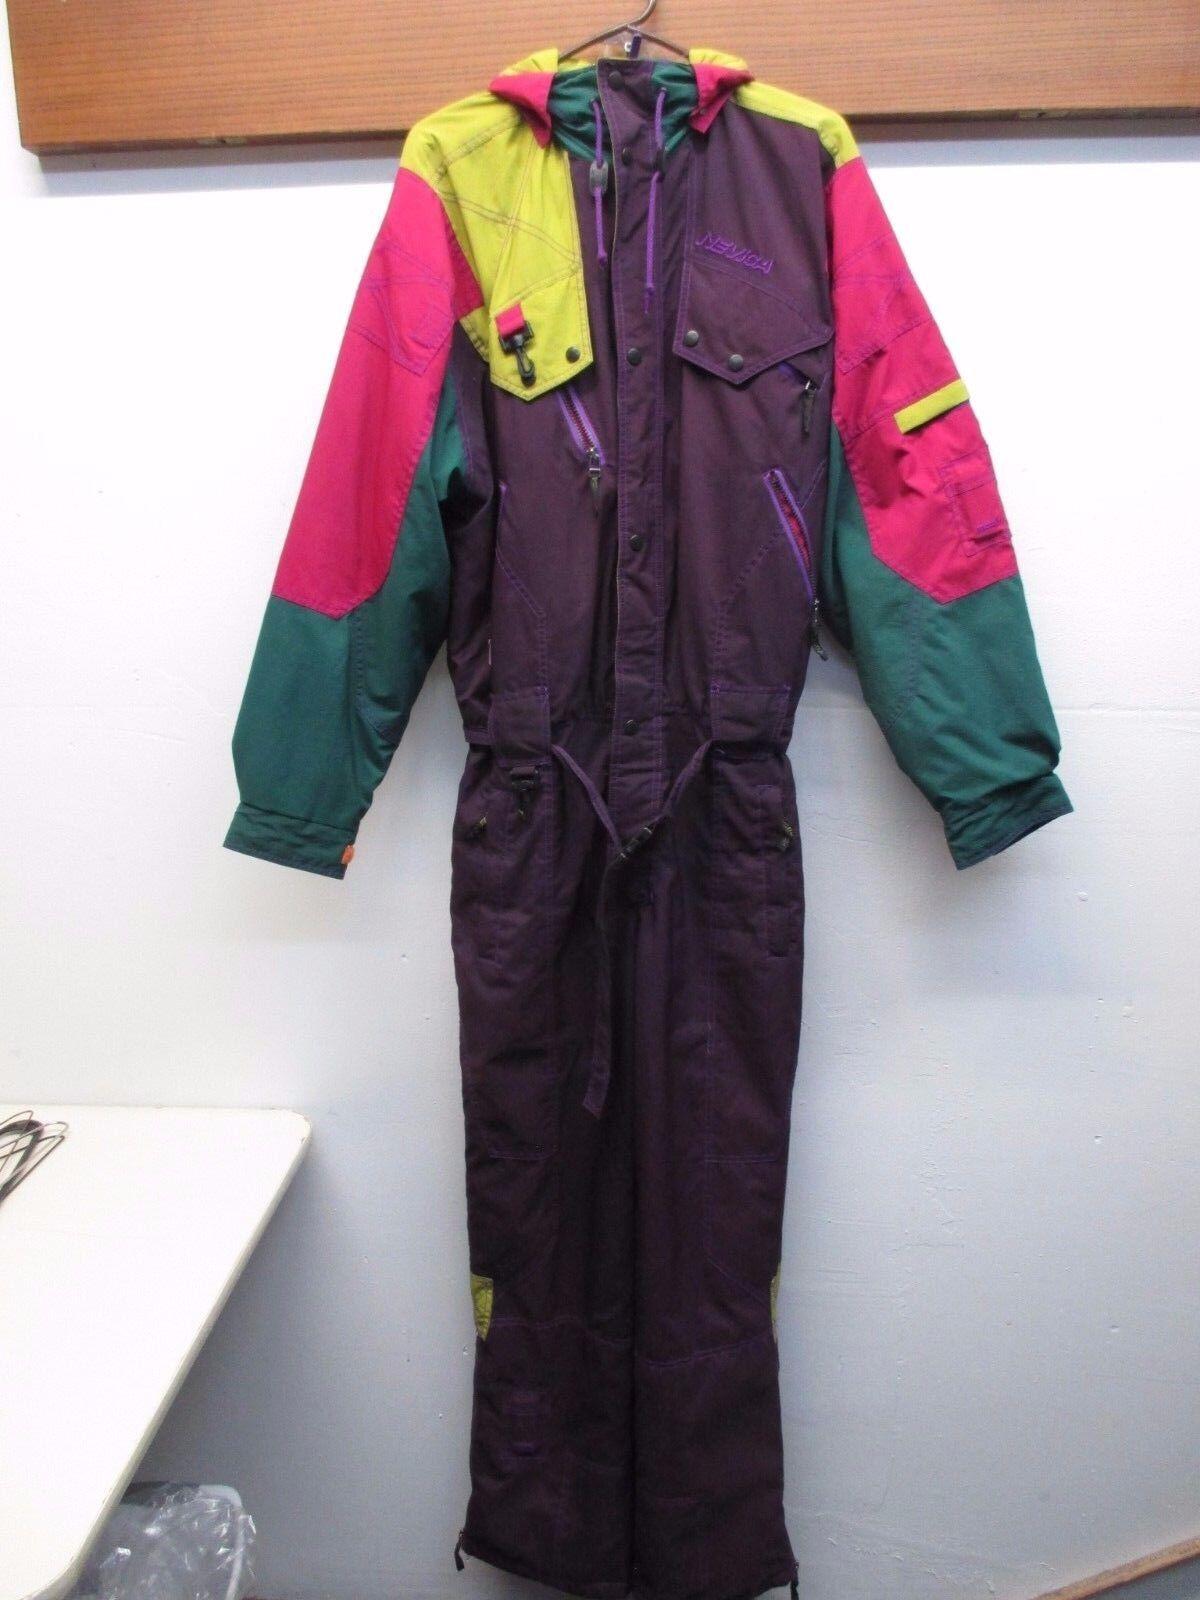 VTG 1980s-90 Nevica Purple One Piece Ski Snow Suit Bib Recco Equip Men's Sz 40 M